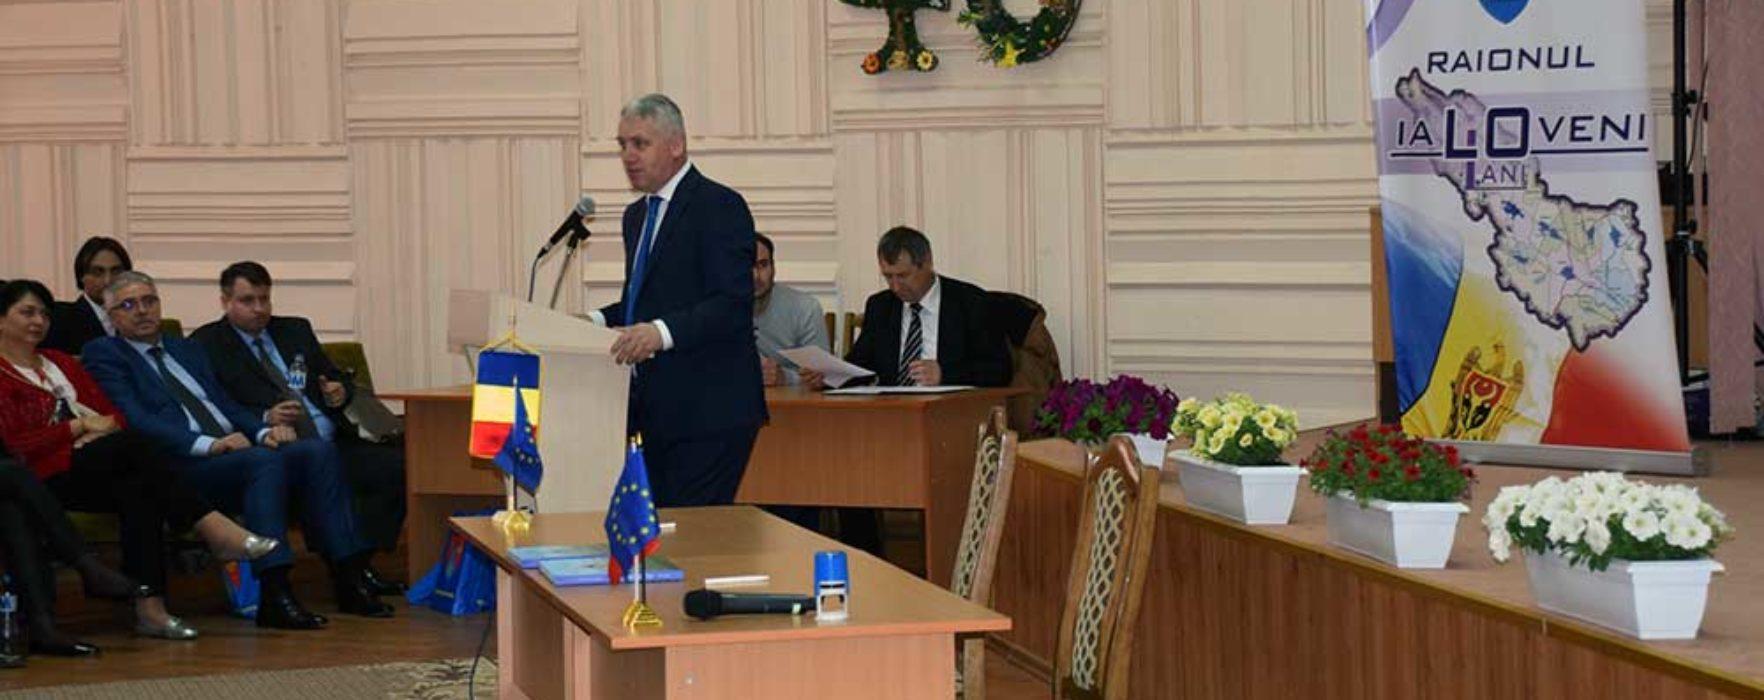 Adrian Ţuţuianu – cetăţean de onoare al Raionului Ialoveni, Republica Moldova